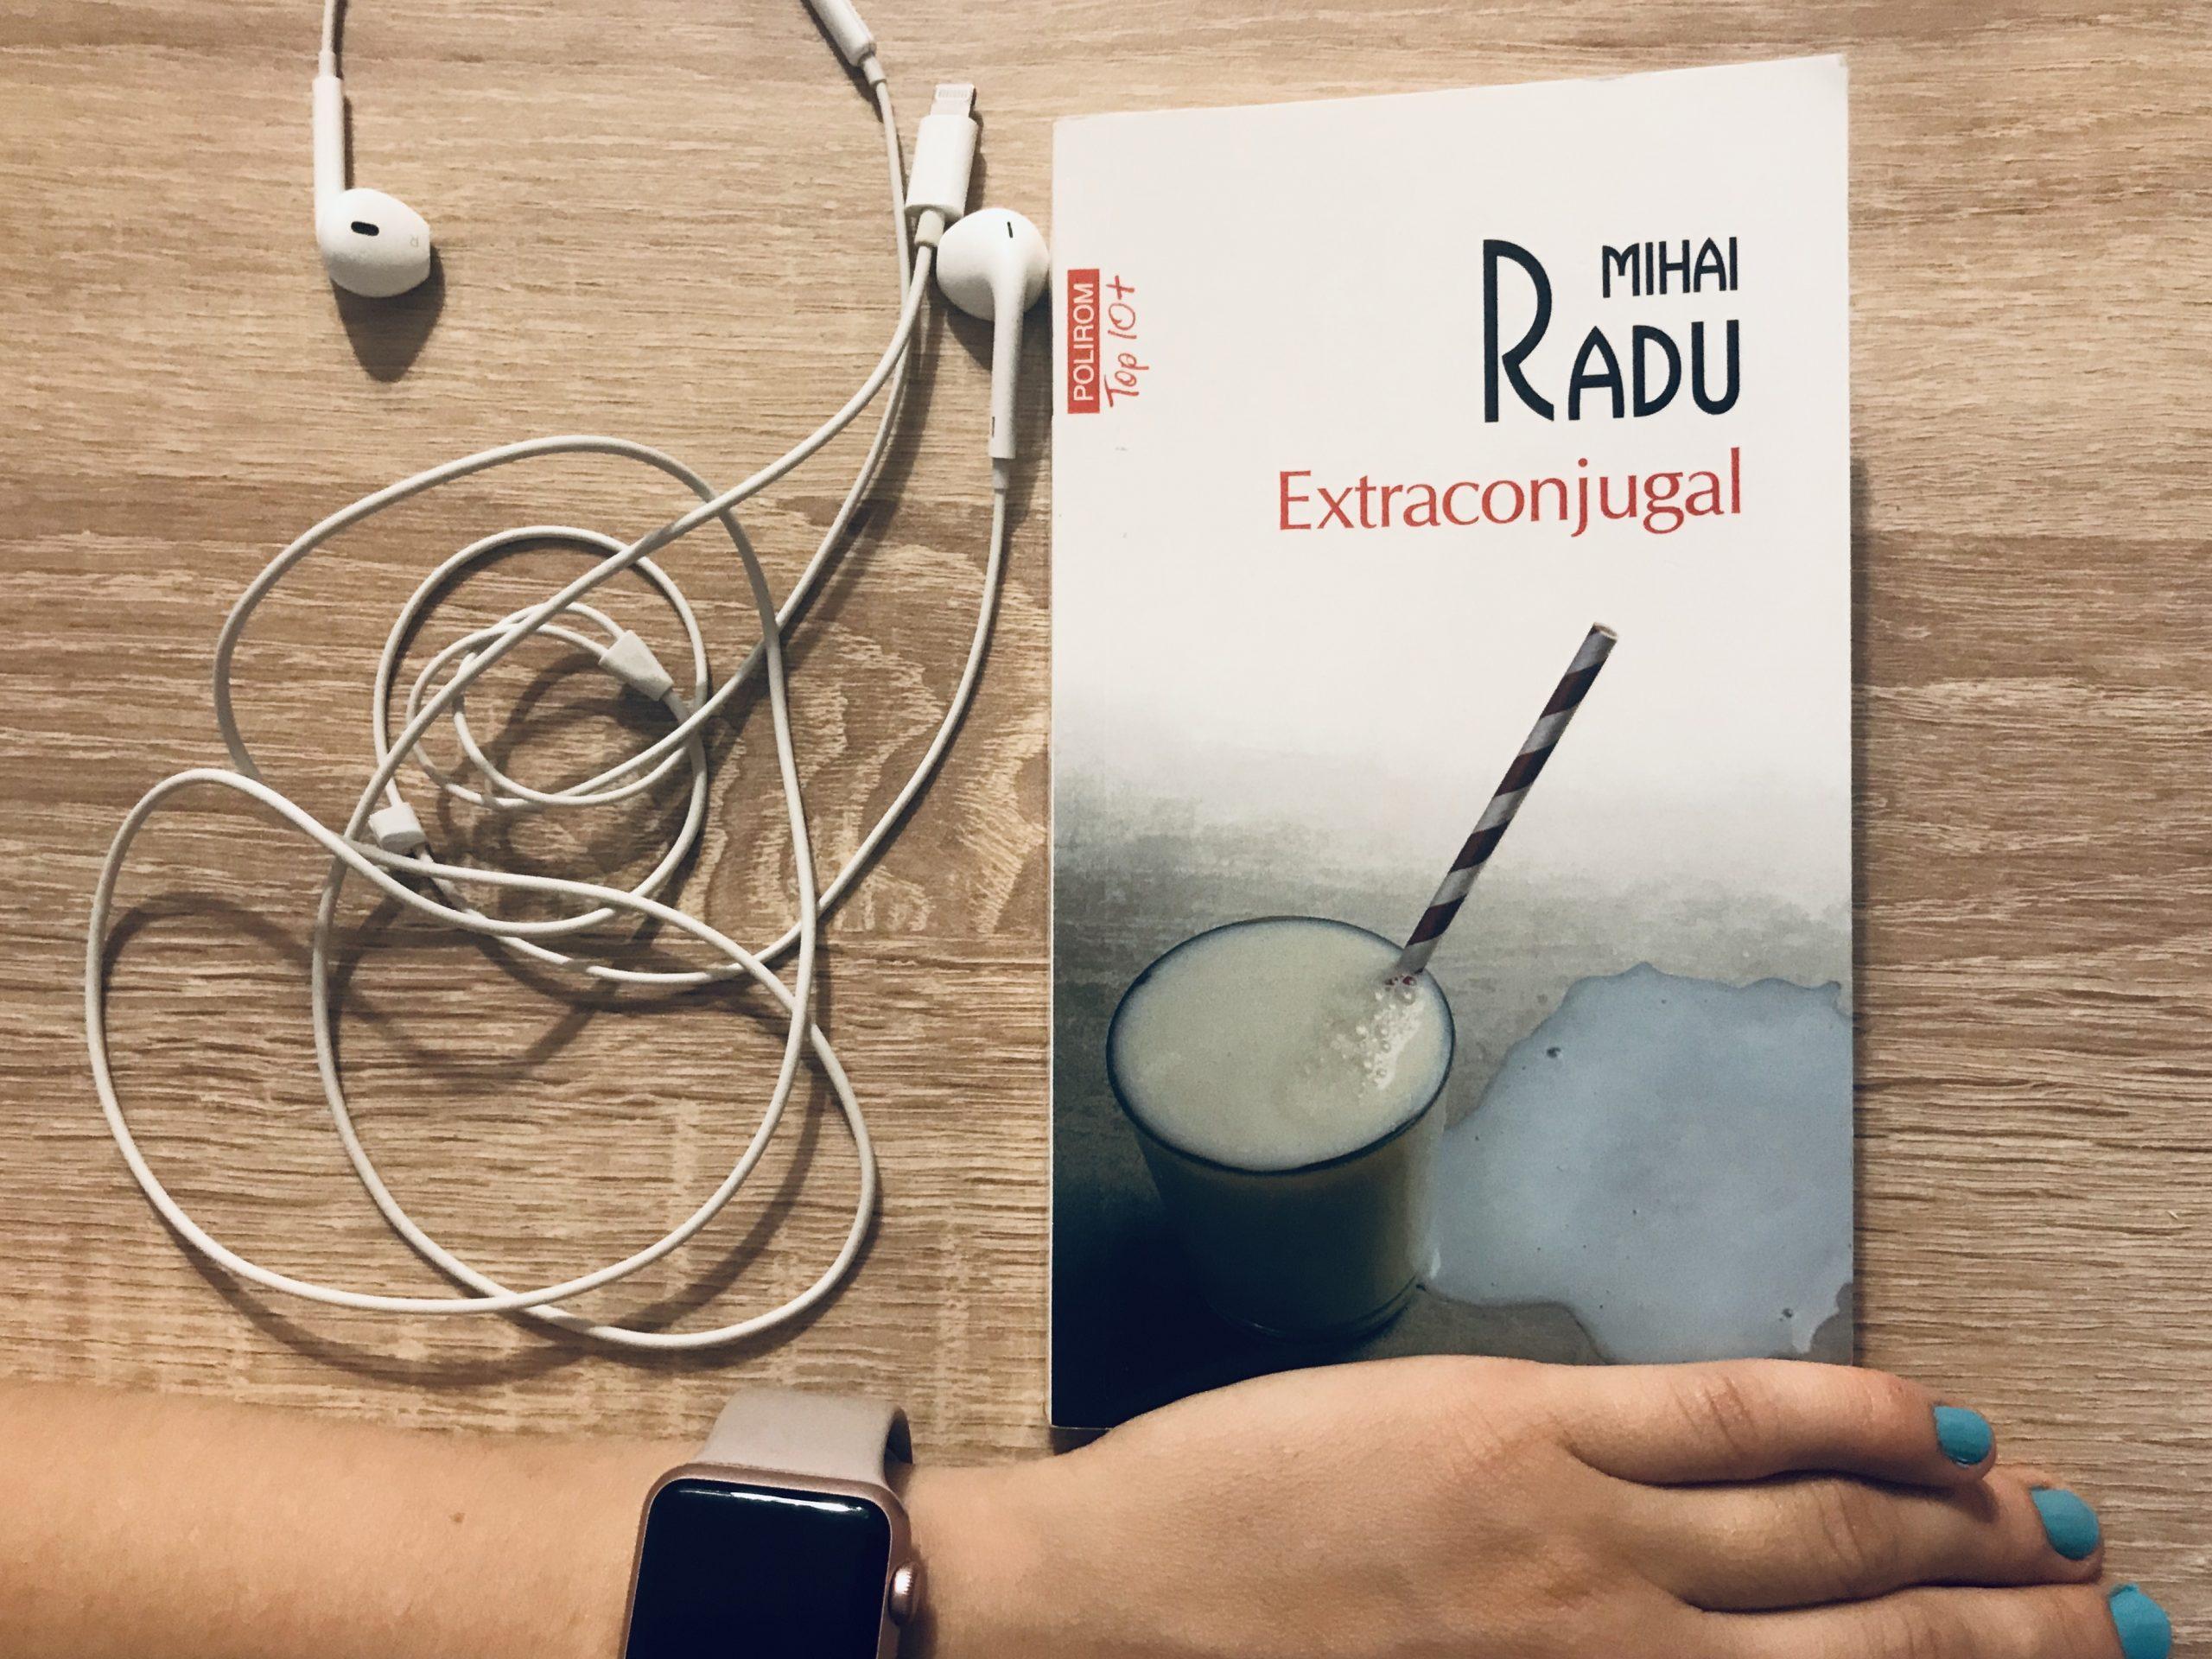 Extraconjugal, Mihai Radu